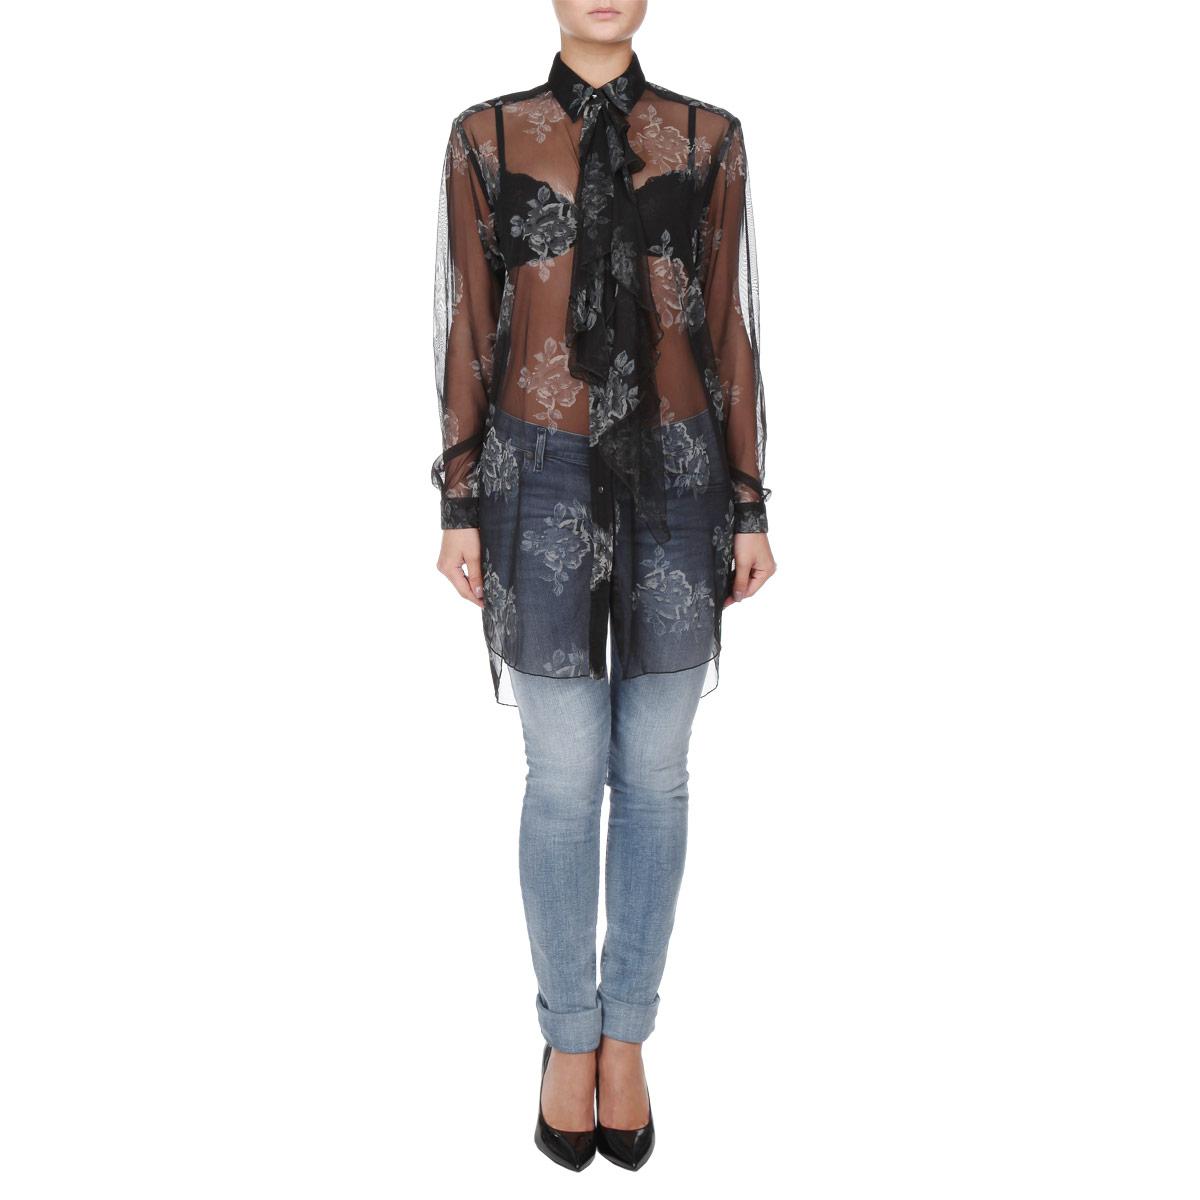 00SKKT-0QAIF/900Стильная женская блуза Diesel, выполненная из легкого полупрозрачного материала, подчеркнет ваш уникальный стиль и поможет создать оригинальный женственный образ. Блузка свободного кроя с длинными рукавами и отложным воротником оформлена оригинальным цветочным принтом. Рукава дополнены манжетами на пуговицах. Блузка застегивается на кнопки, воротник застегивается на пуговицу. В комплект также входит жабо в цвет блузки, которое крепится к воронику на пуговицу. Легкая блуза идеально подойдет для жарких летних дней. Такая блузка будет дарить вам комфорт в течение всего дня и послужит замечательным дополнением к вашему гардеробу.